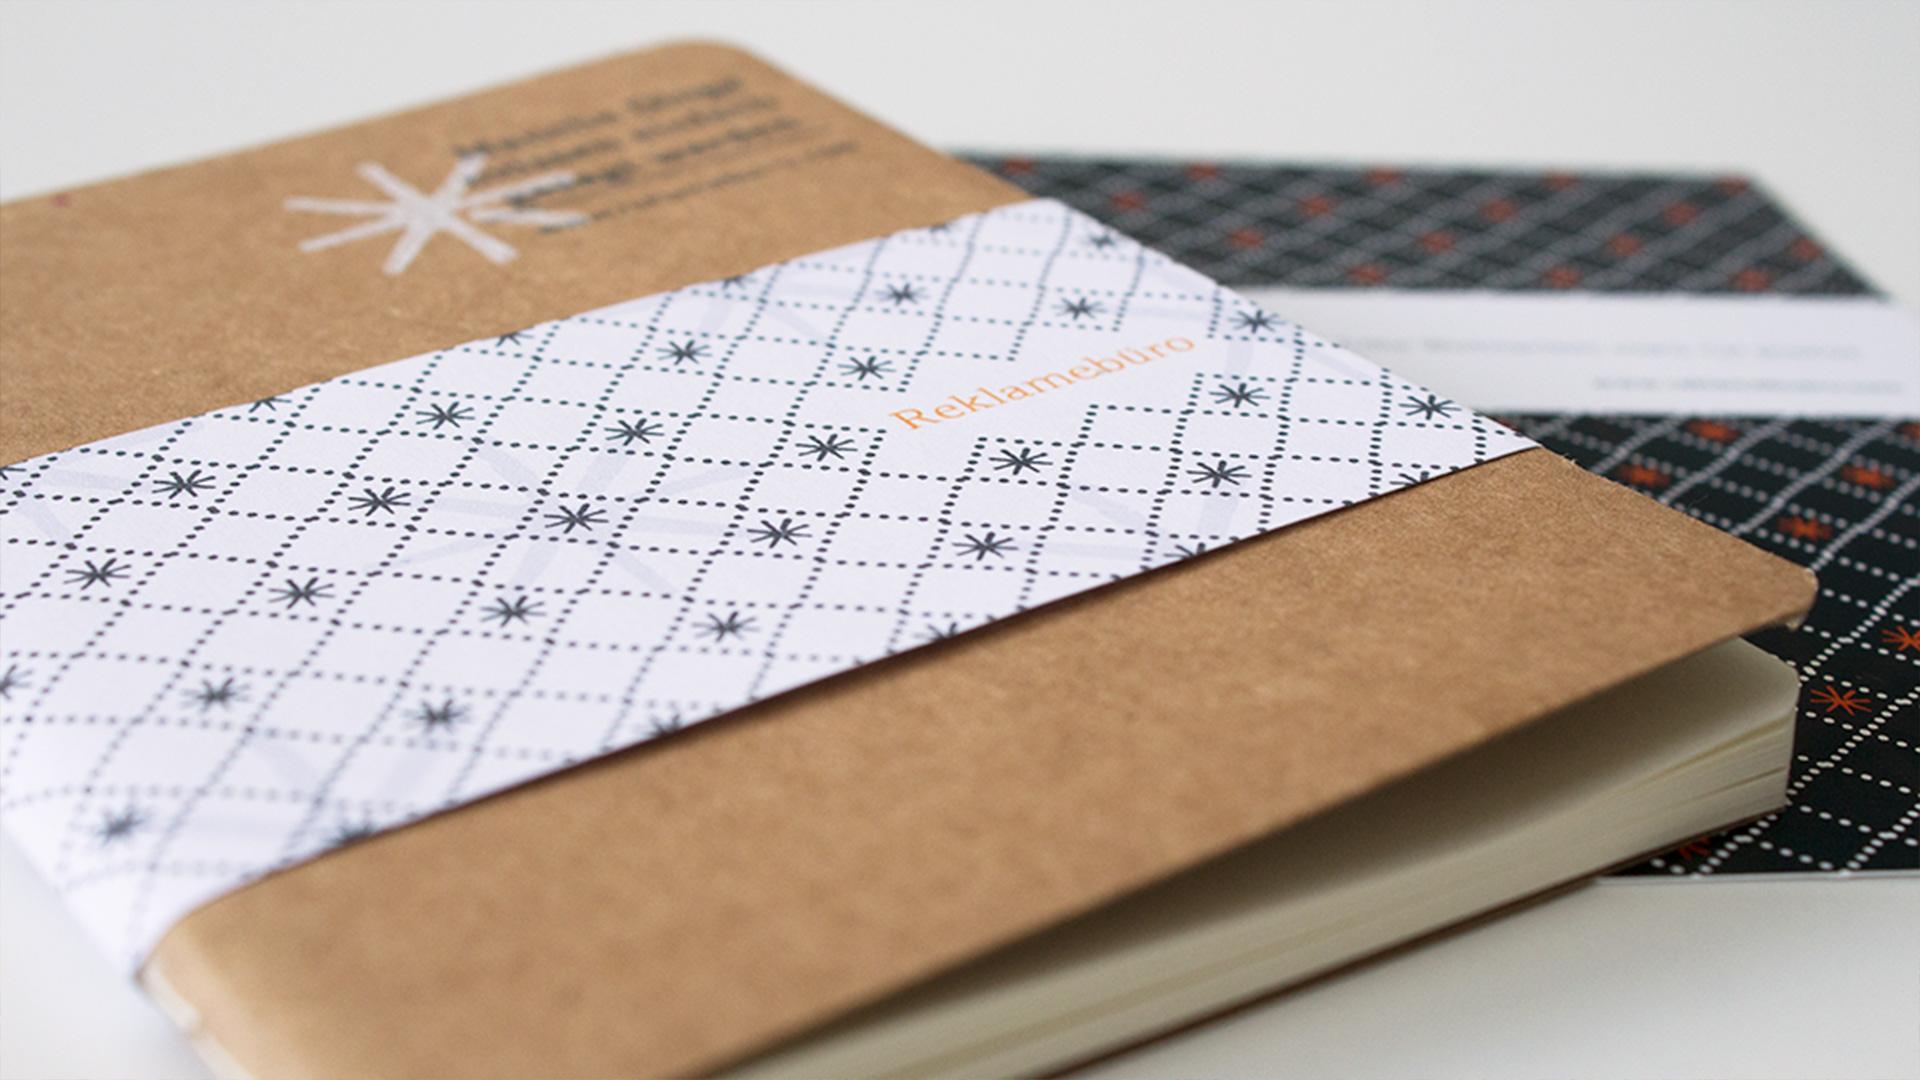 Ein Notizbuch mit einer Banderole liegt auf einer Karte mit einem durchgängigen Muster